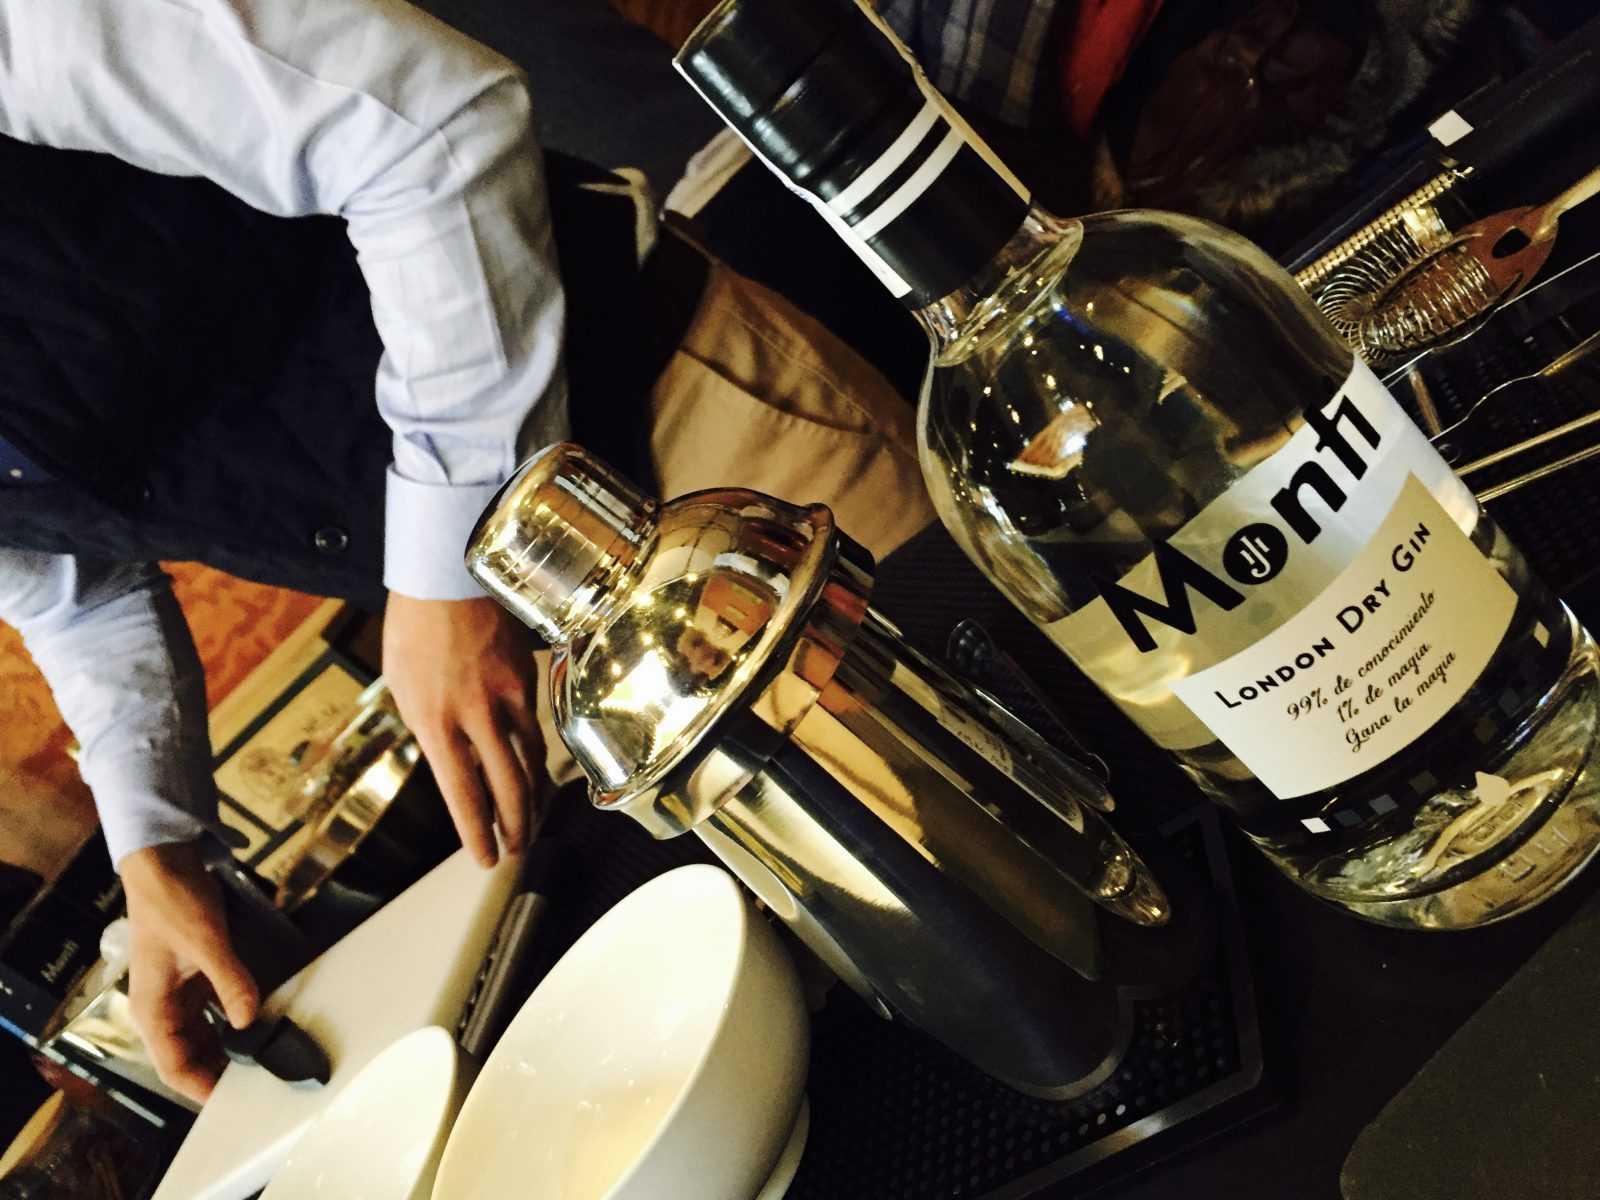 Gin Monti, una ginebra Premium artesanal